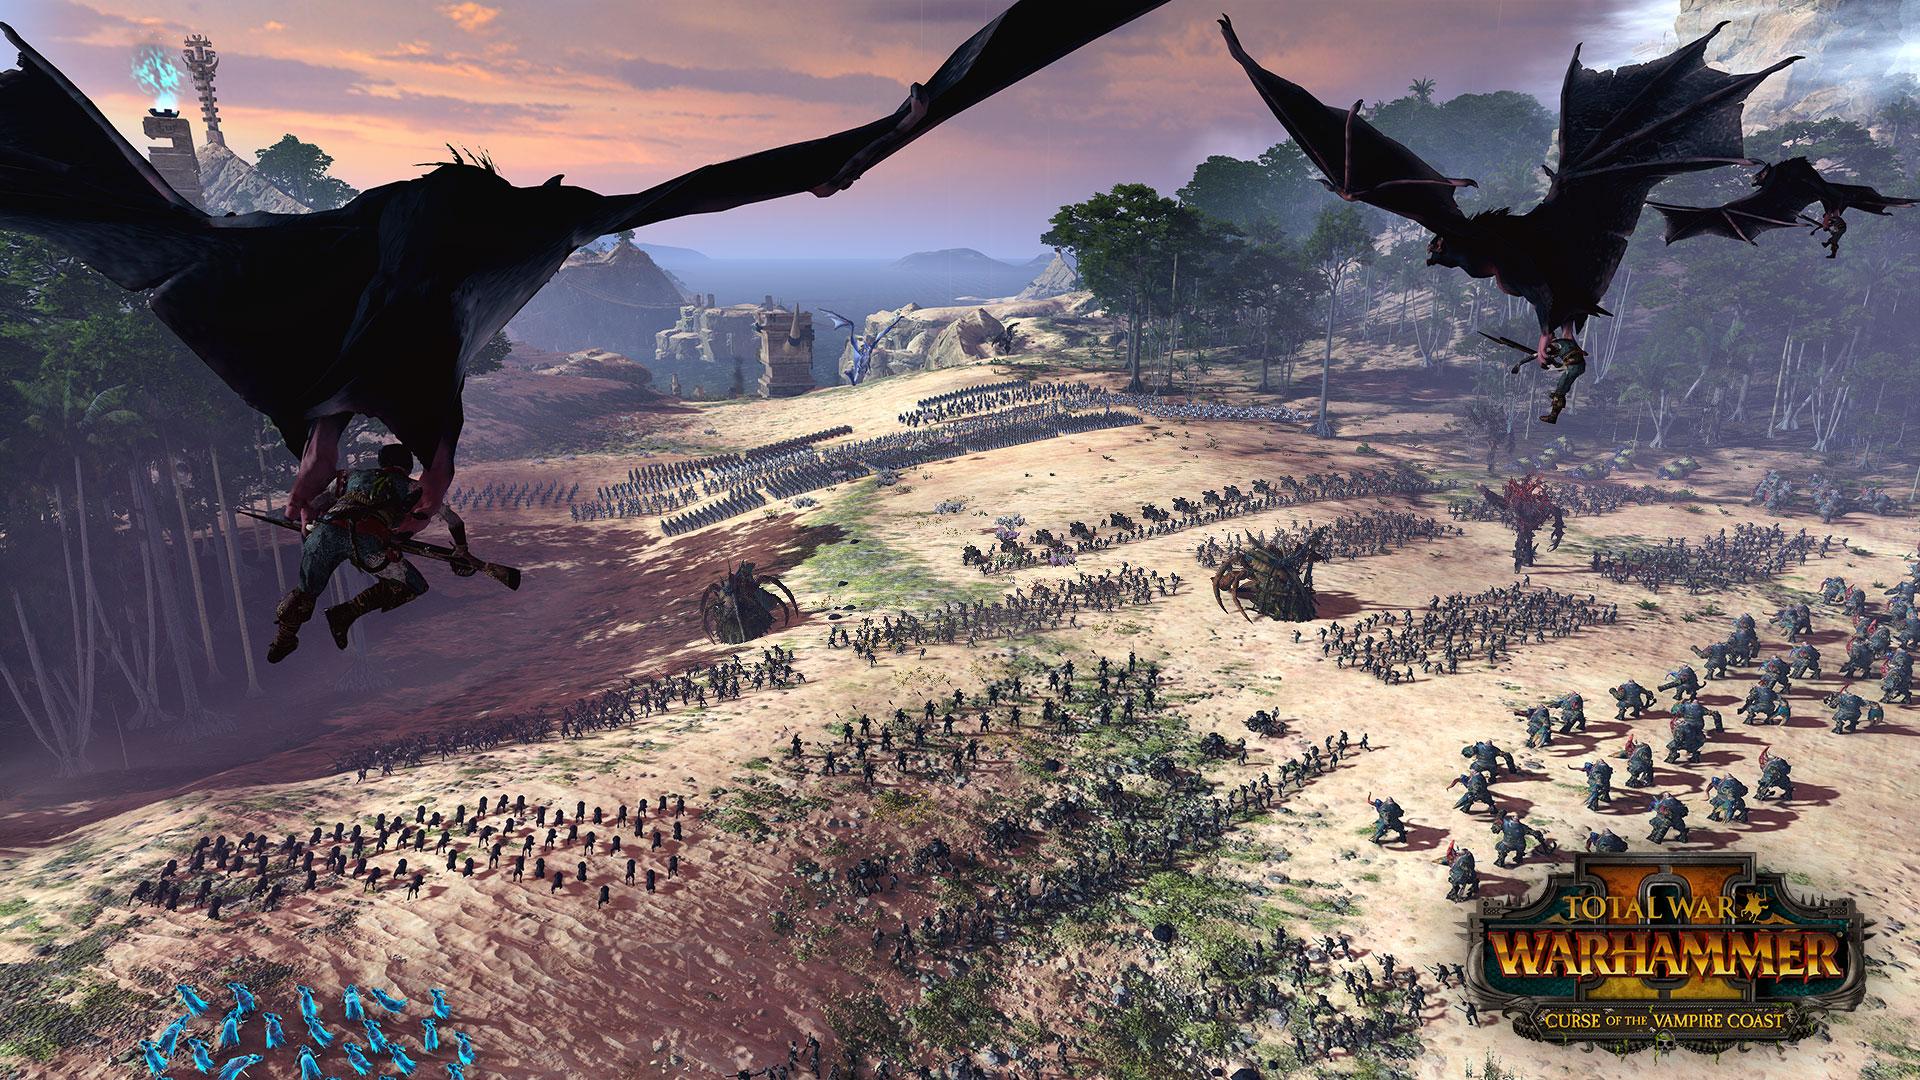 战锤:全面战争 Total War: WARHAMMER - 叽咪叽咪 | 游戏评测